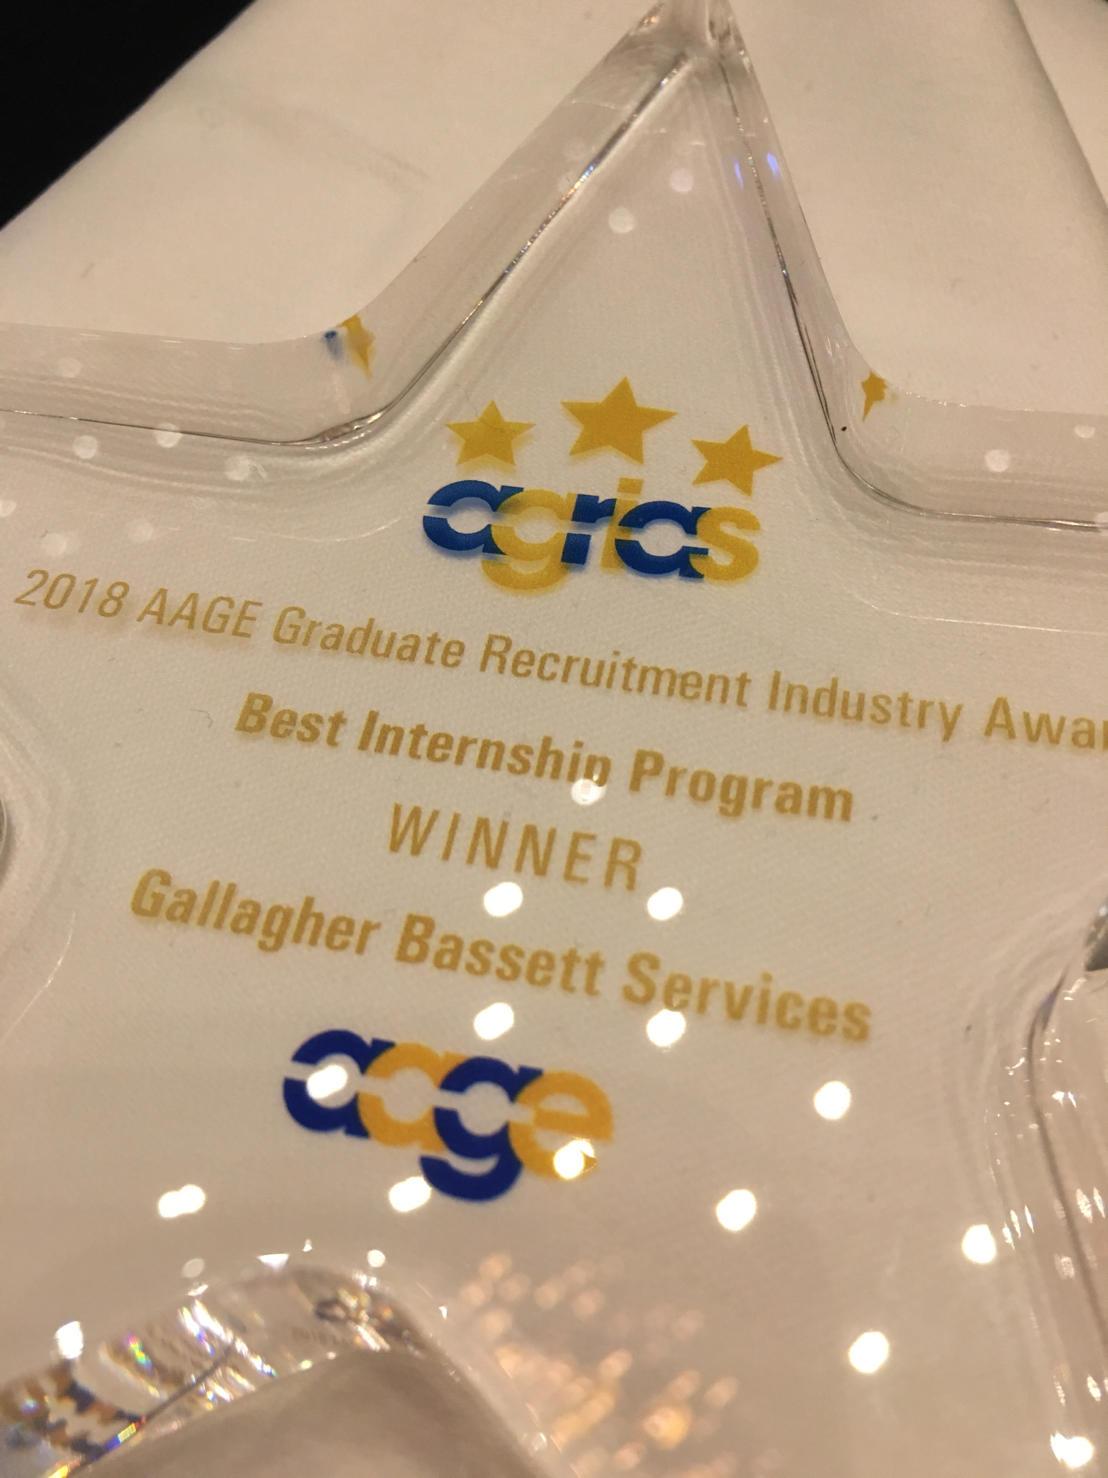 Cathy_award2